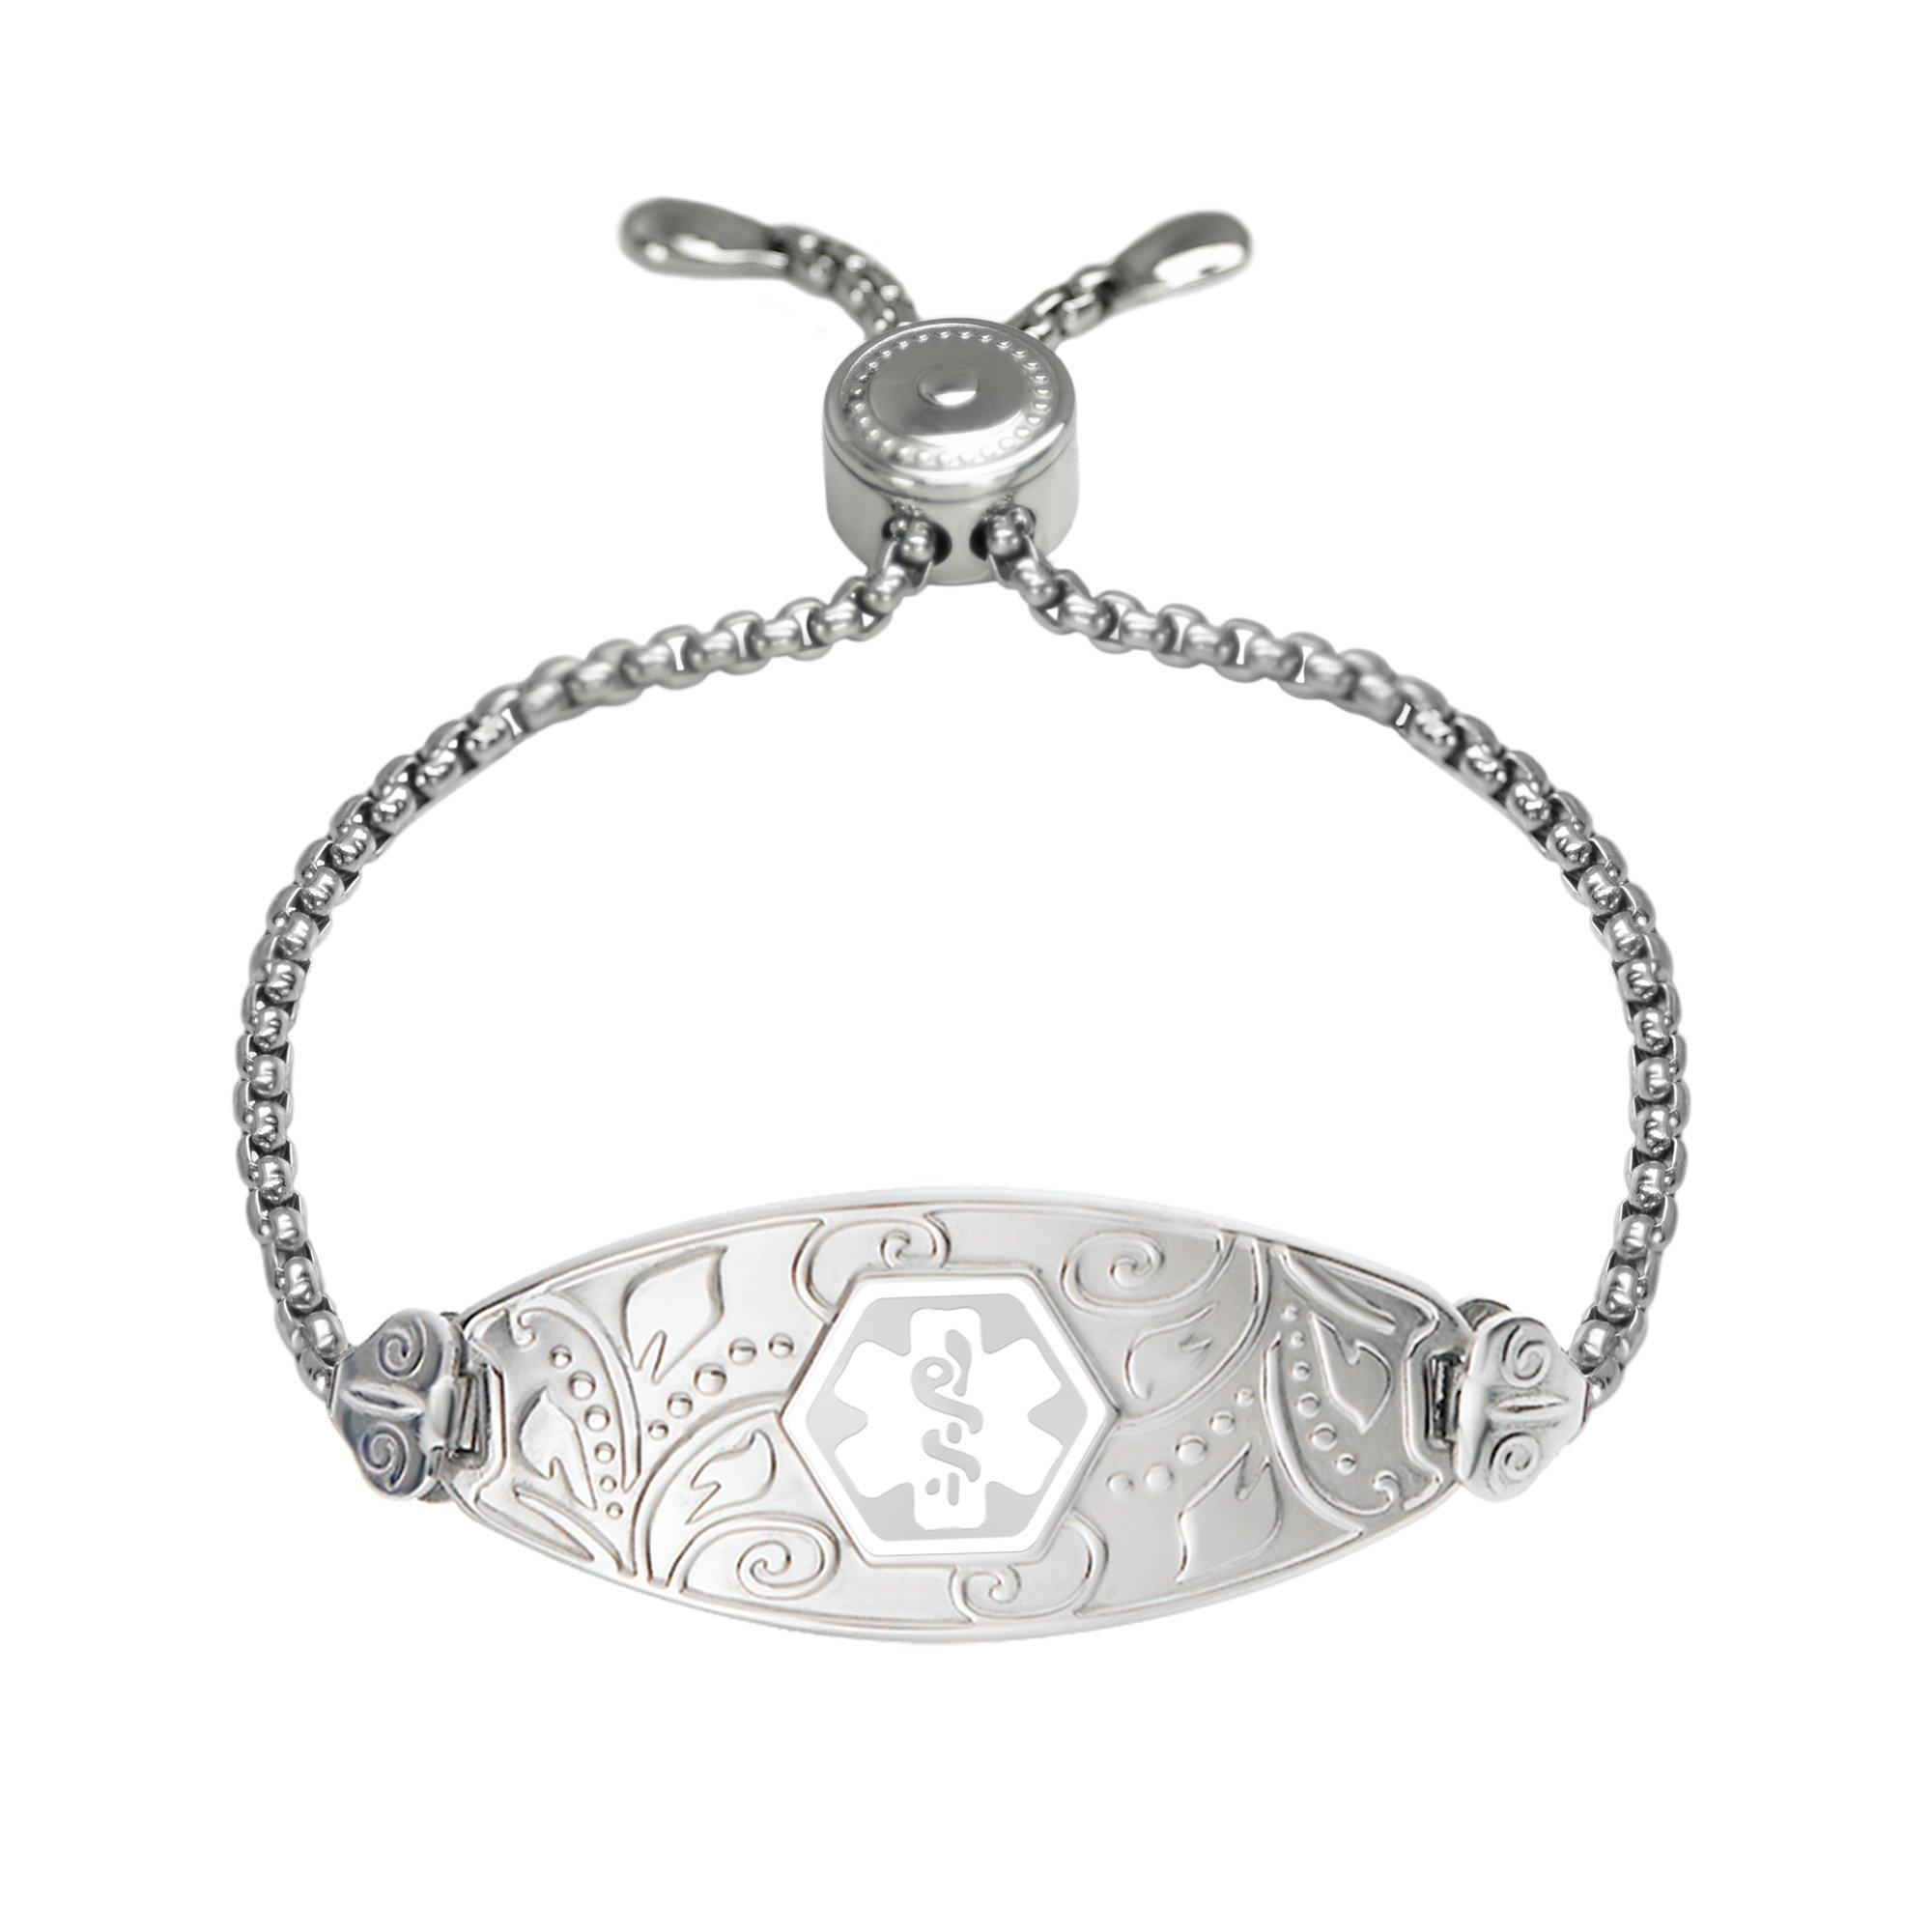 Divoti Custom Engraved 316L Lovely Filigree Medical Alert Bracelet For Women - Ajustable - Easy-on Chain-White-L